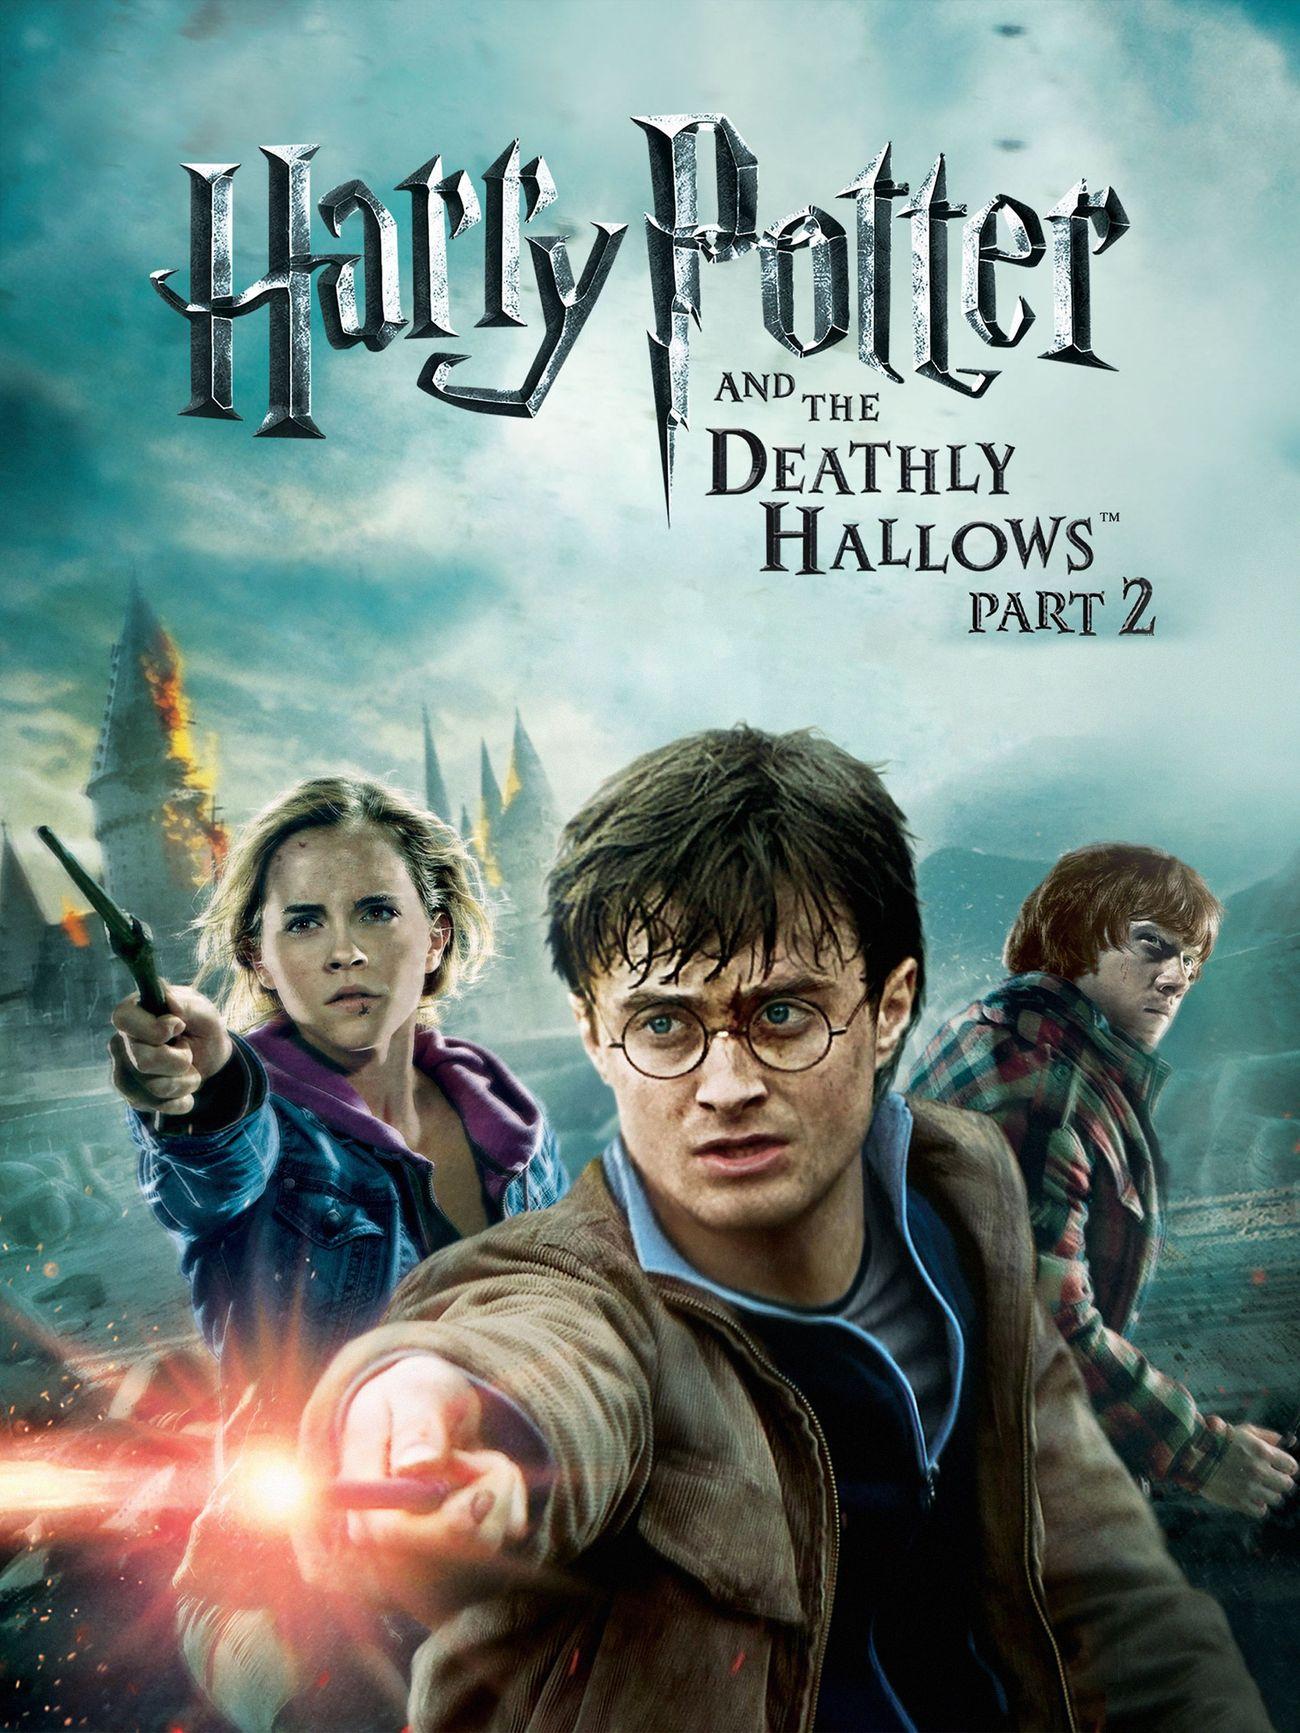 تنزيل لعبة Harry Potter And The Deathly Hallows 2 لعبة هاري بوتر 2